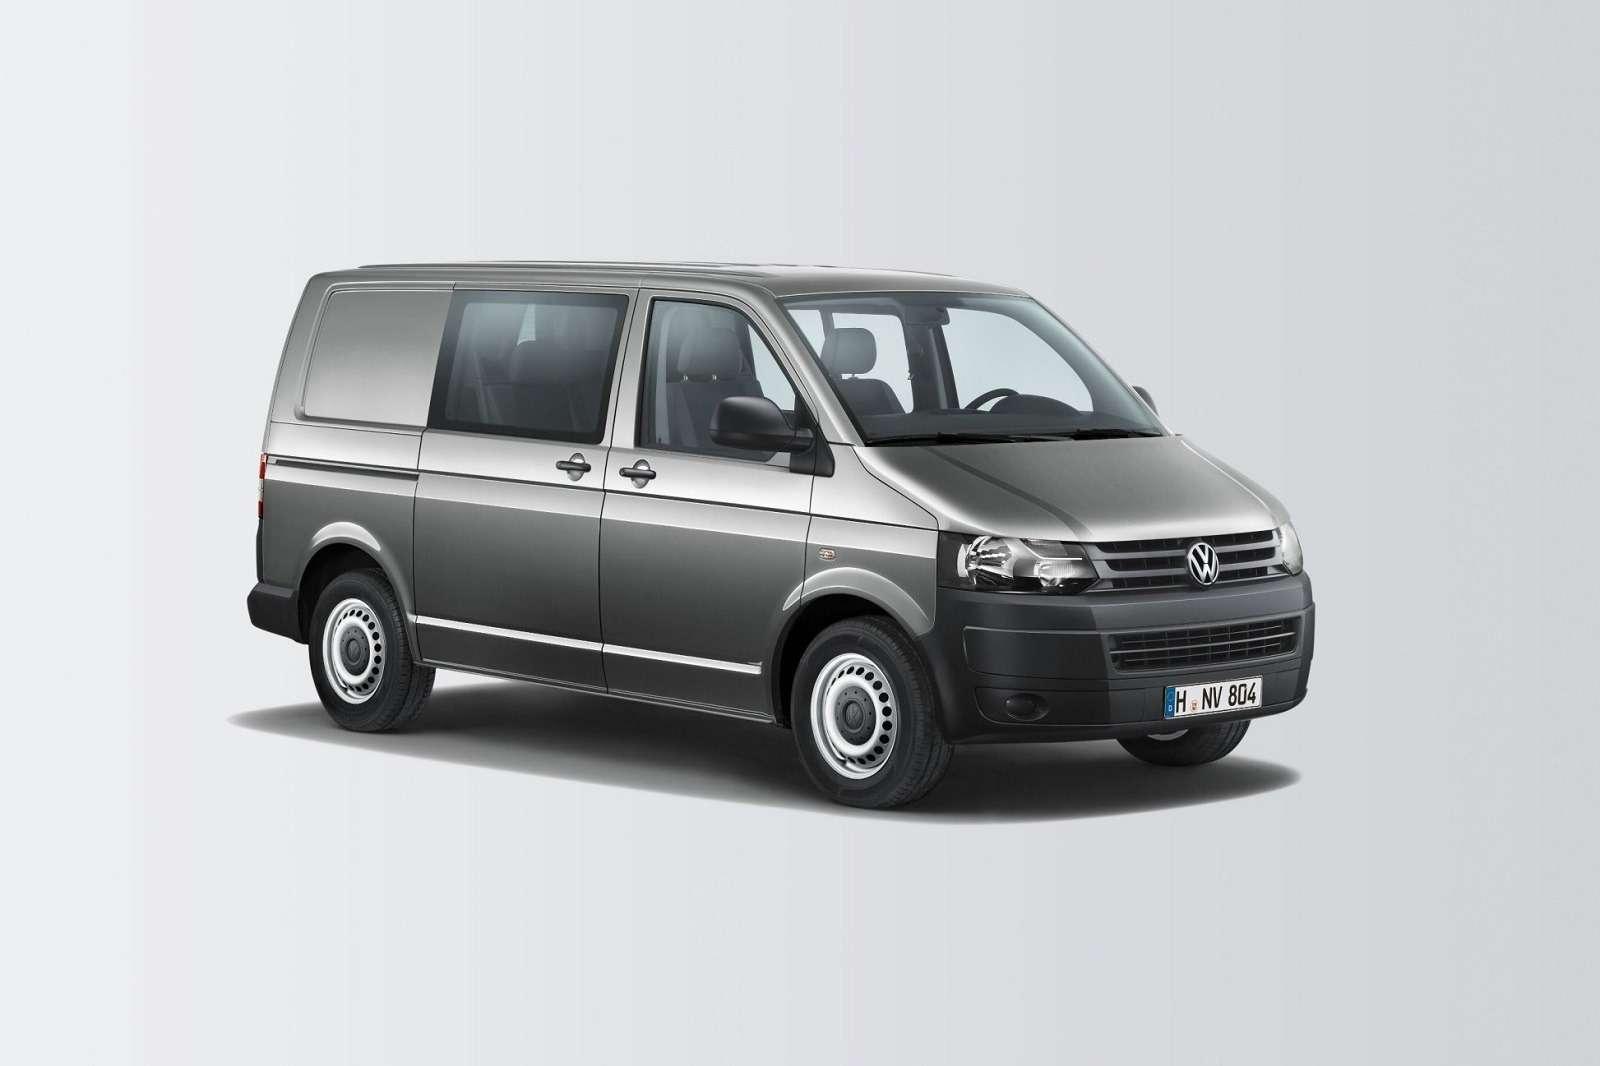 VWв2015 году начнет продажи новой версии Transporter— фото 361630